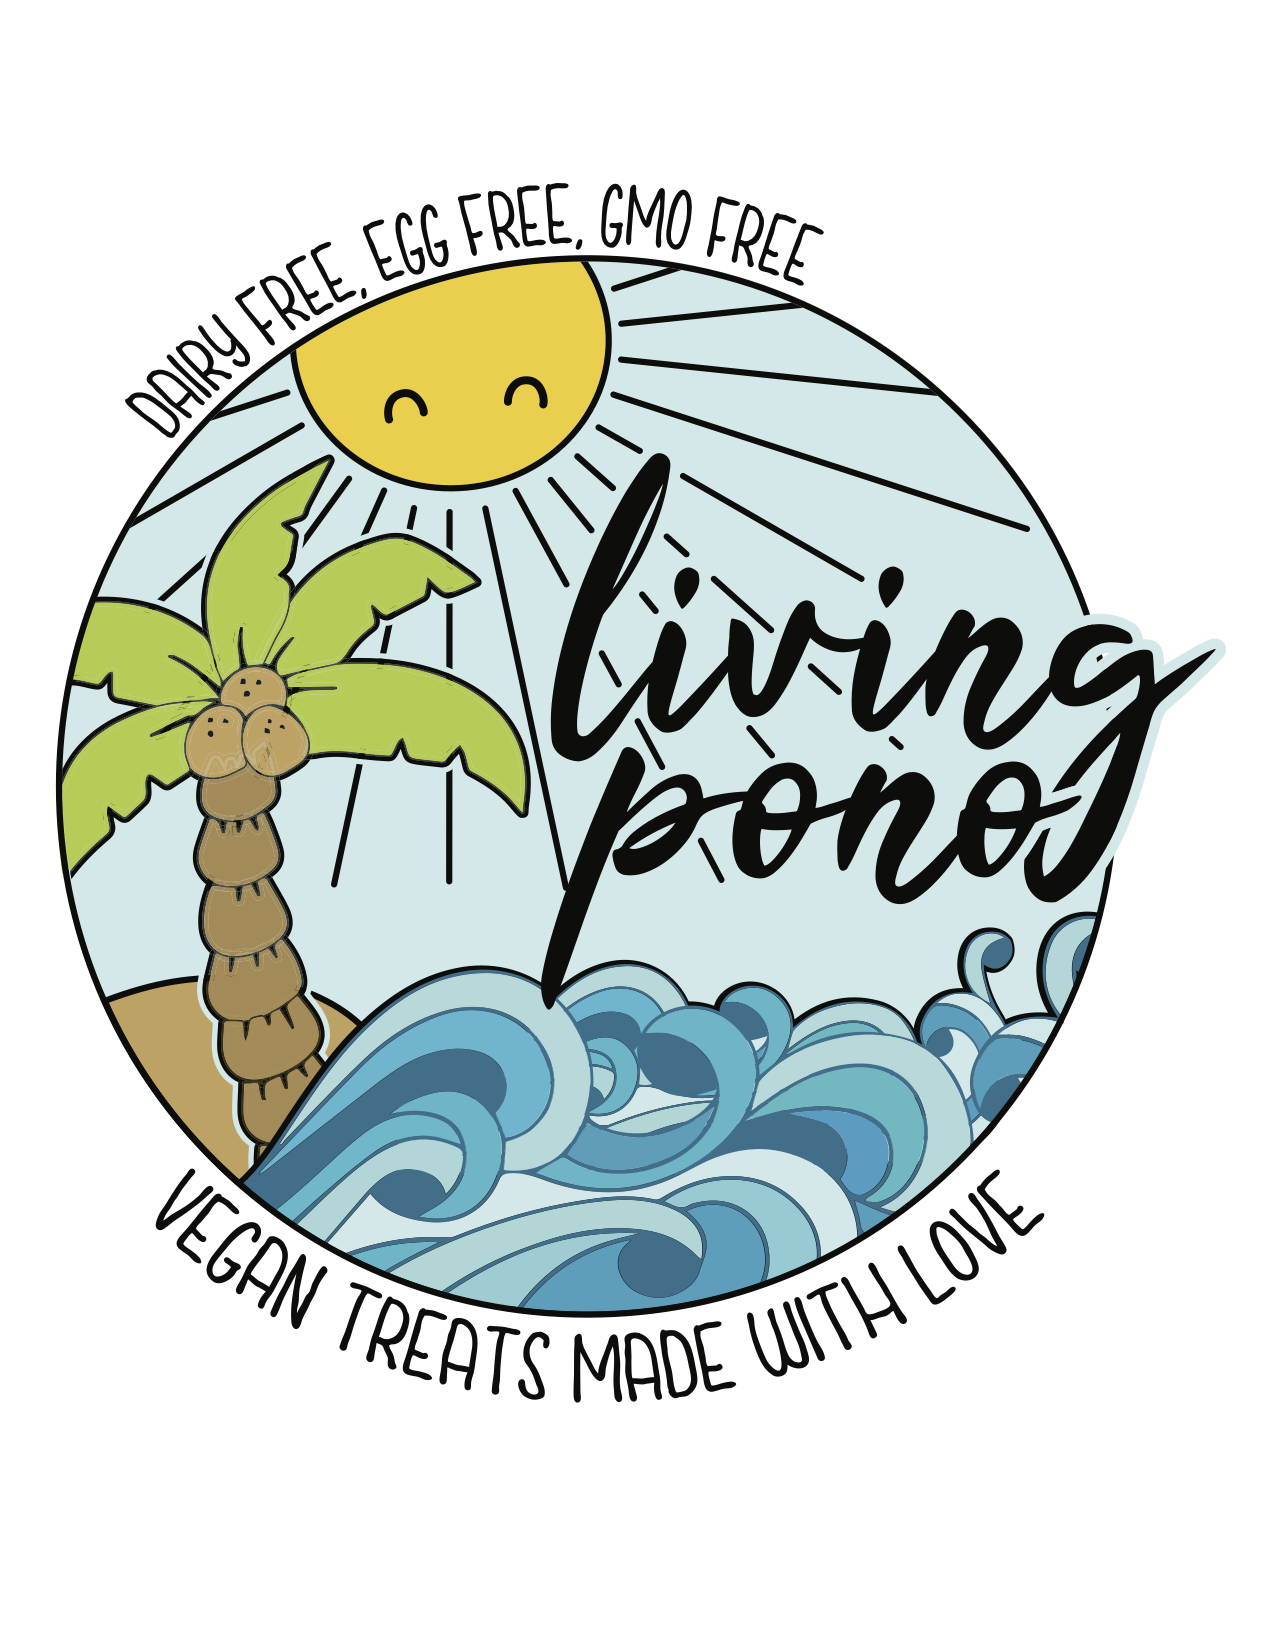 Living pono